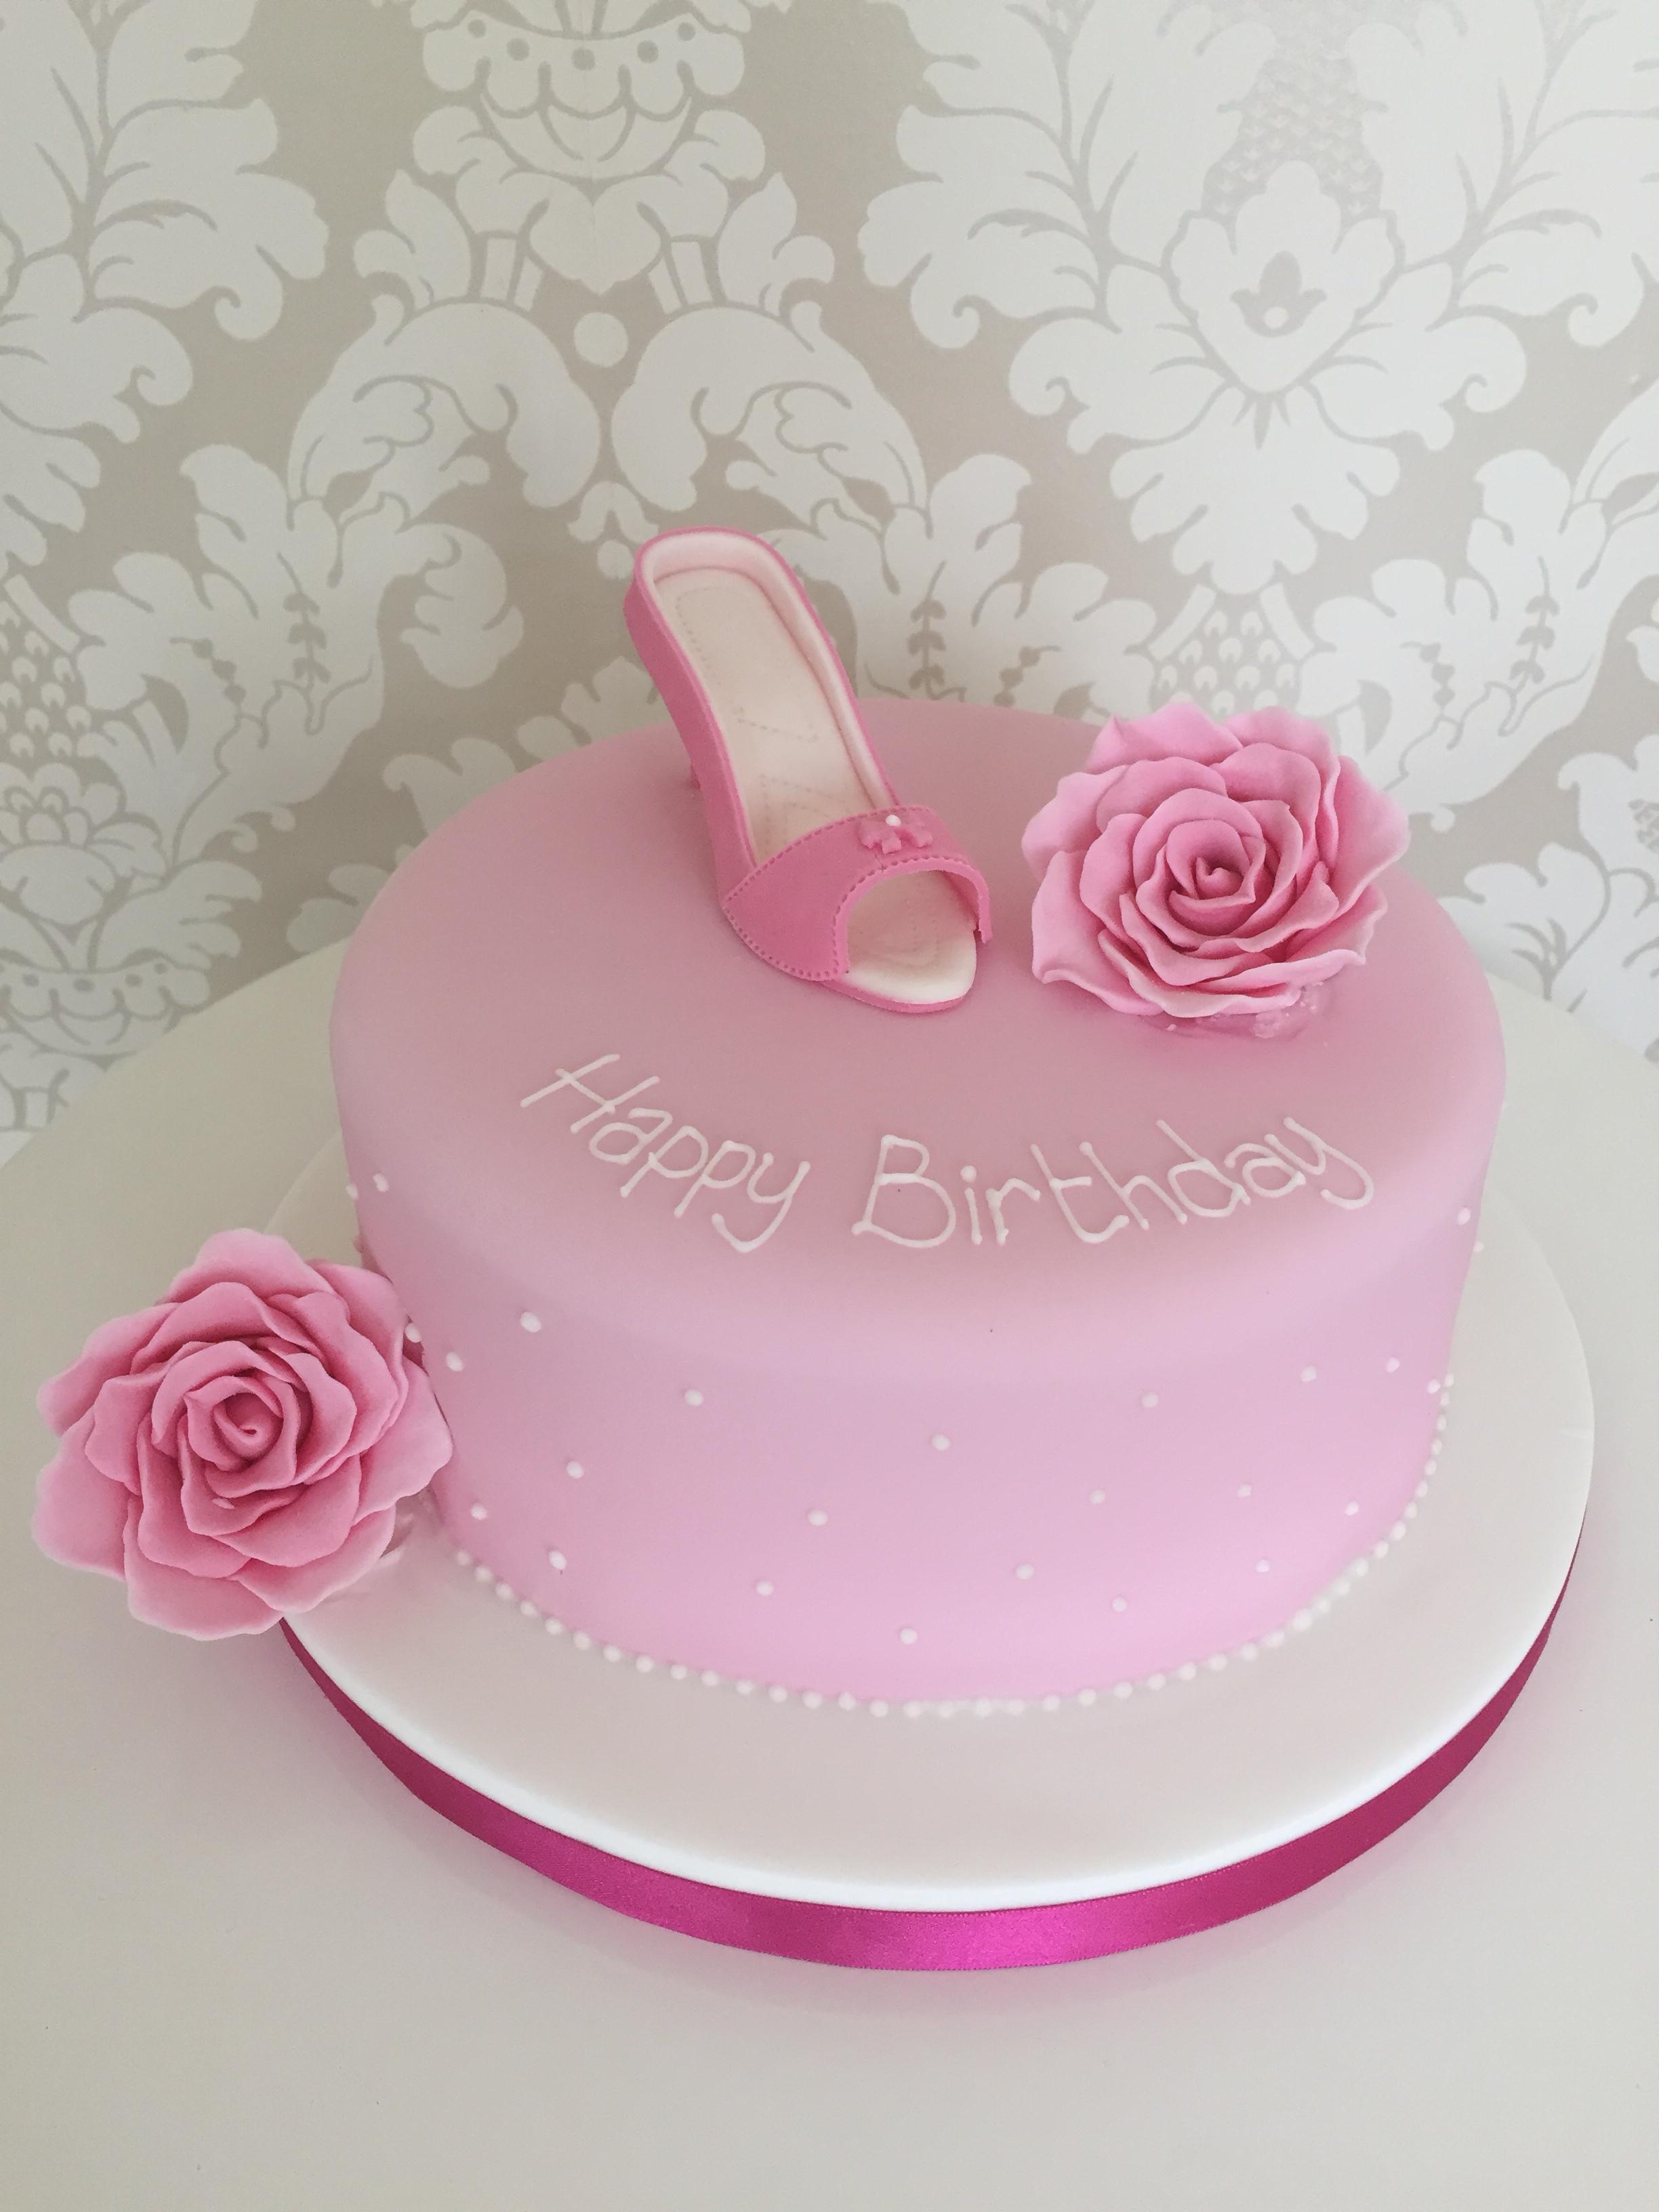 Female Birthday Cakes Bedfordshire, Hertfordshire, London